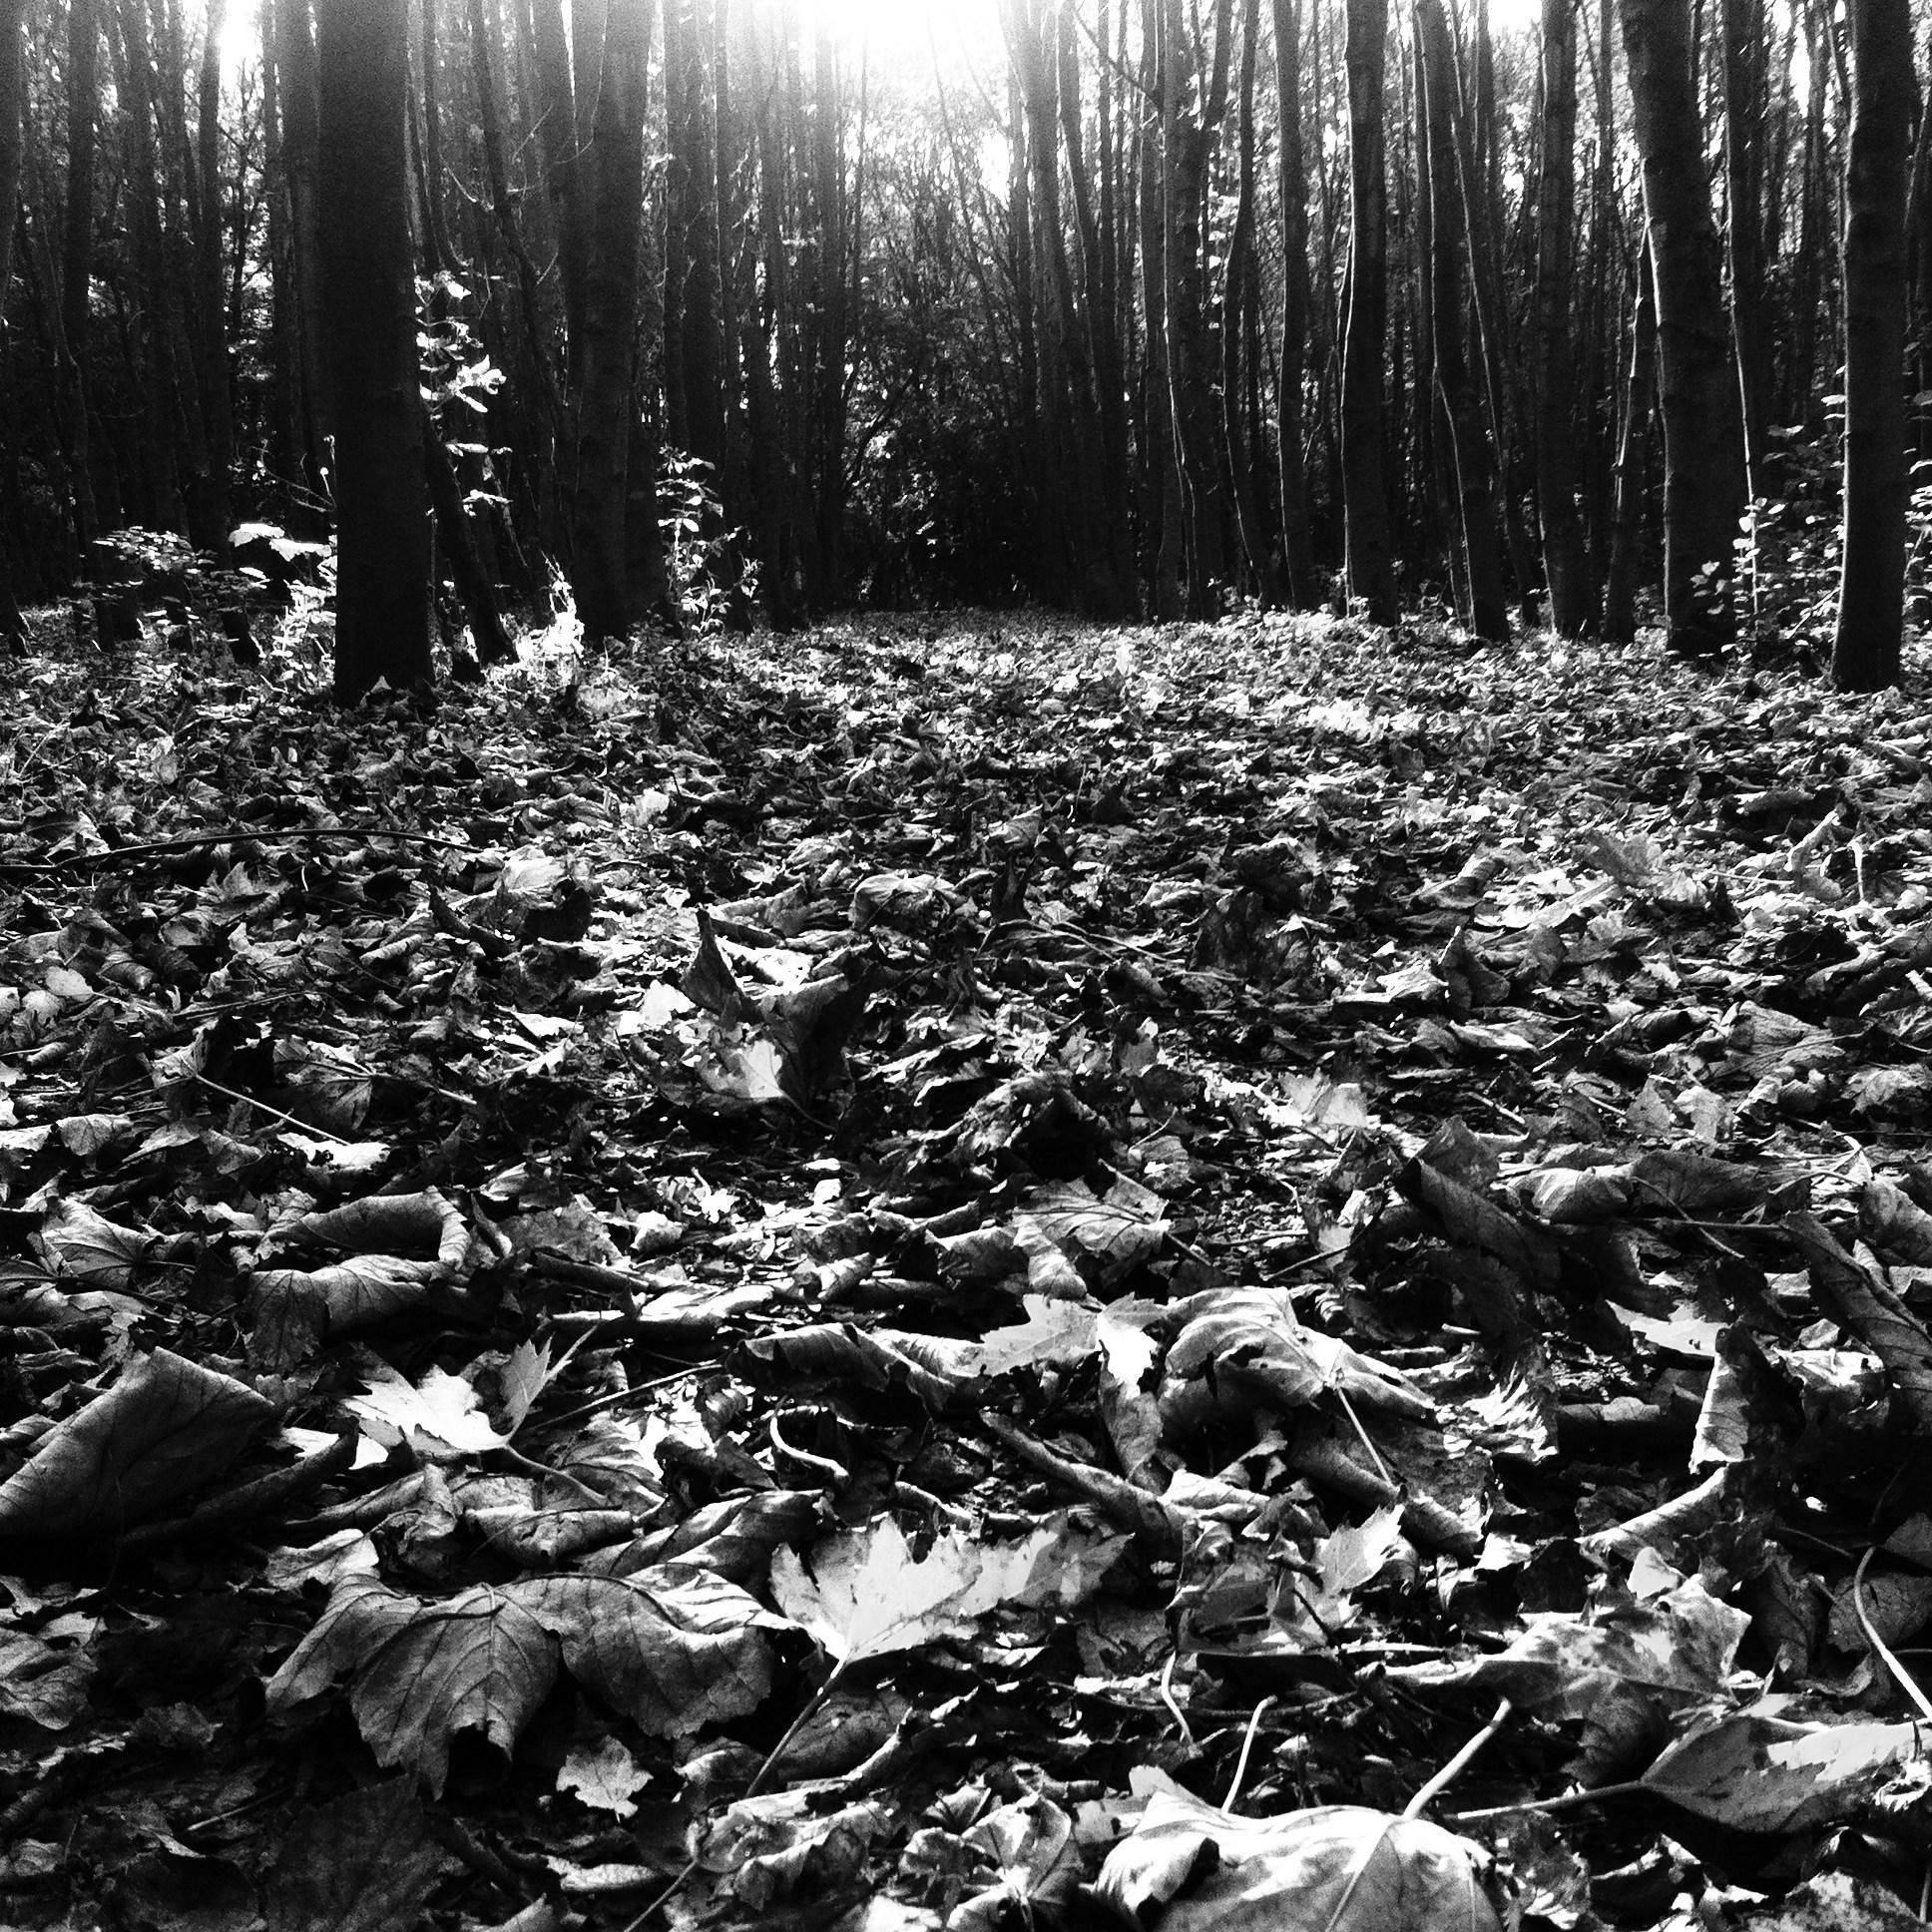 Twiske leaves